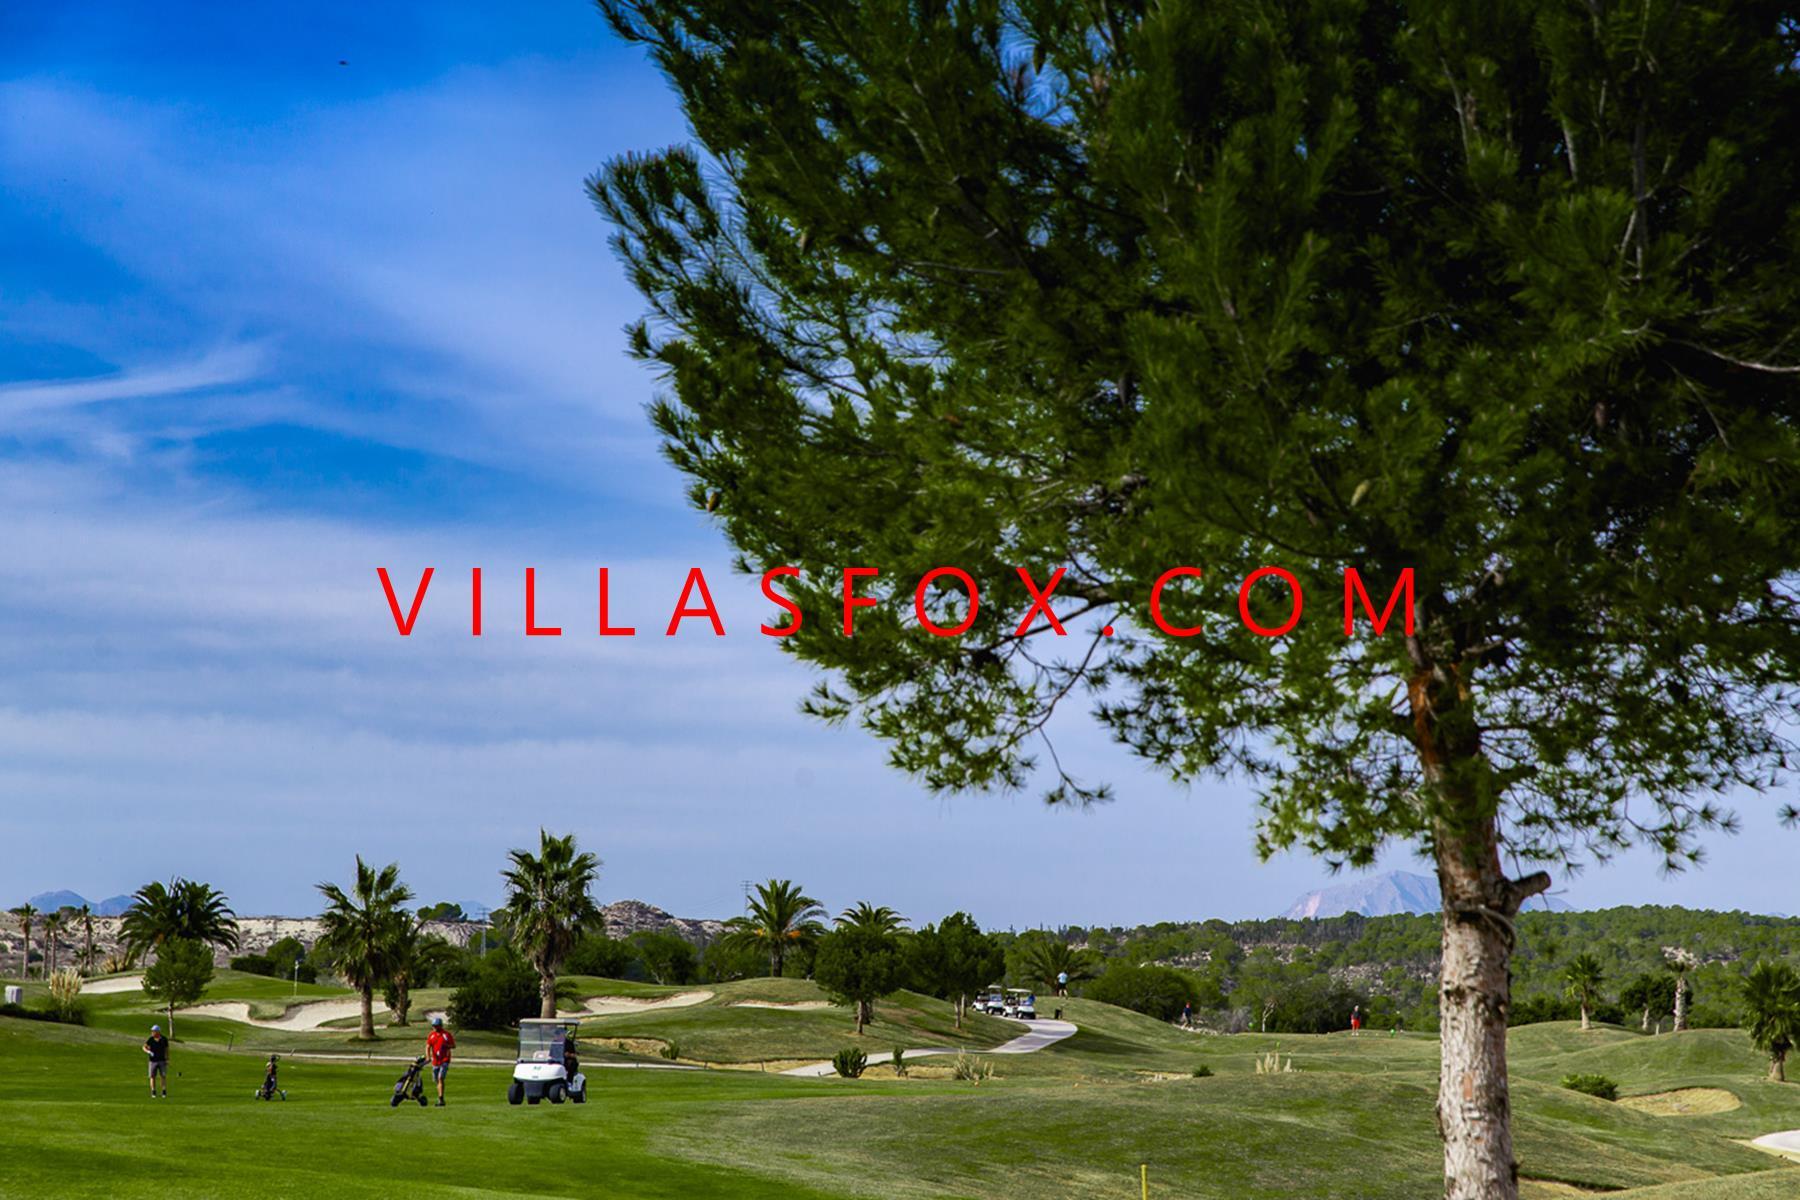 Apartamentos de golfe de luxo a preços acessíveis, perto de bares e restaurantes